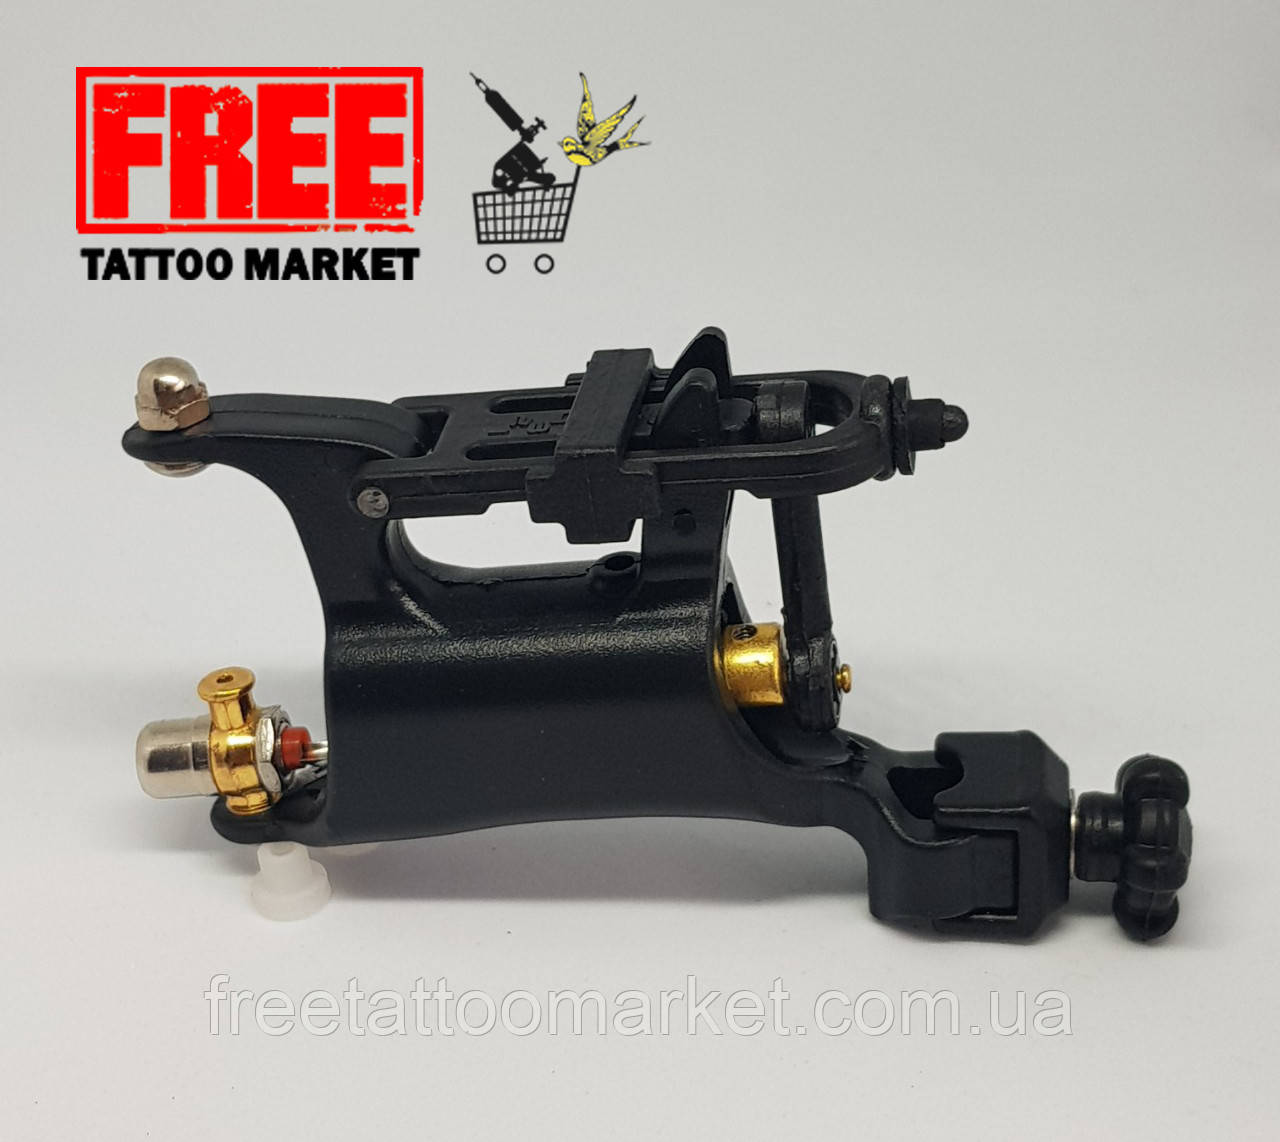 Роторная тату машинка Whip rotary machine (черный)